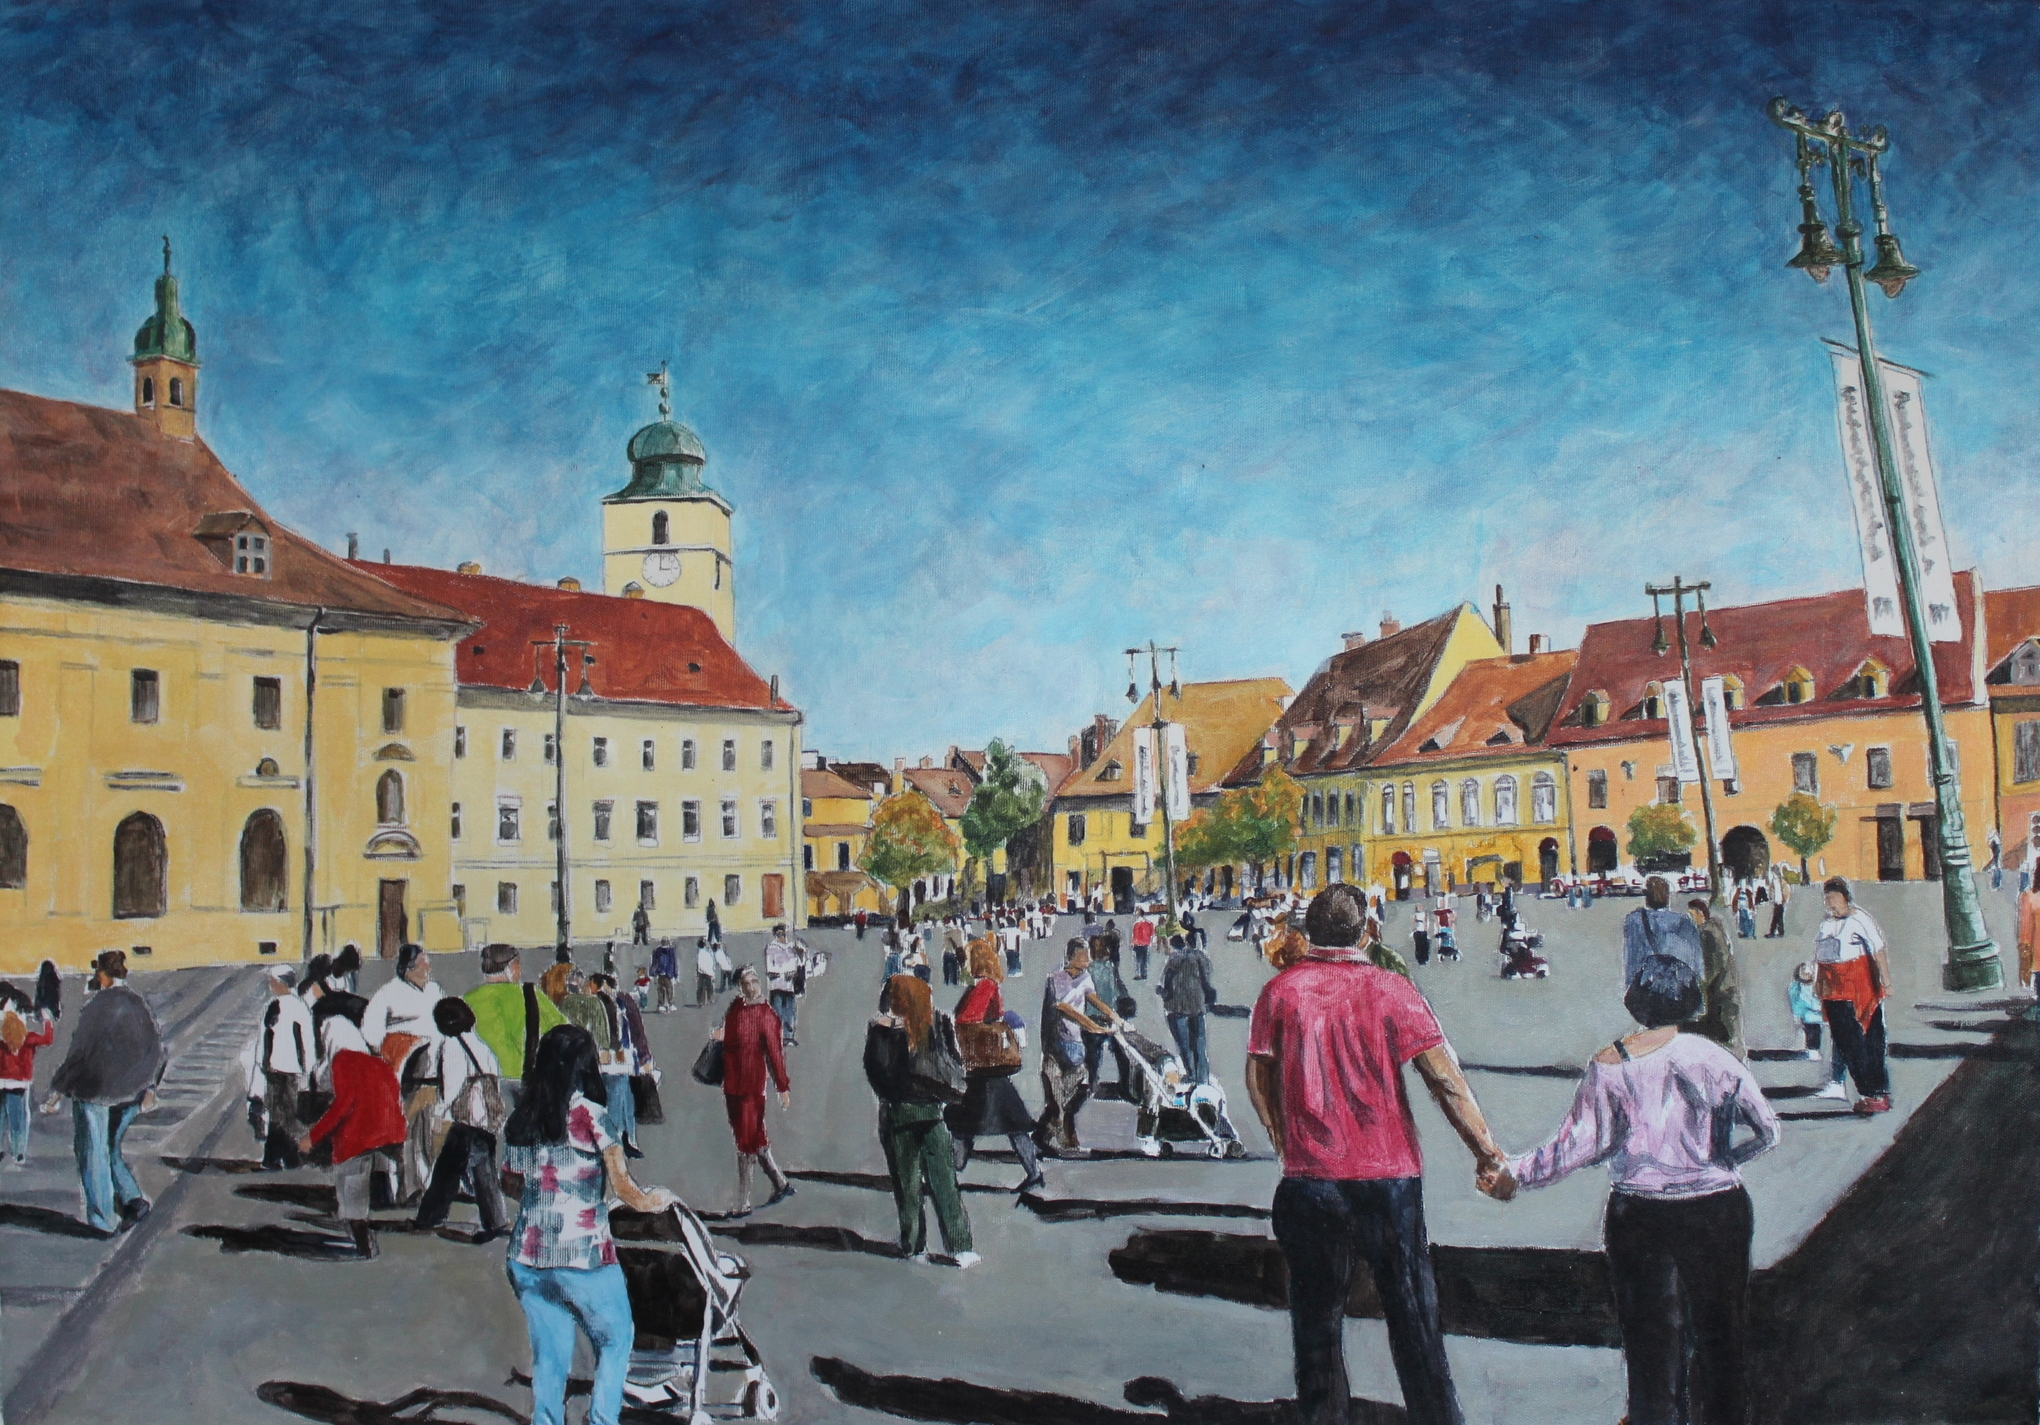 Piata Mare, Sibiu, Romania, 2014, acrylic on canvas, 32 x 42 in